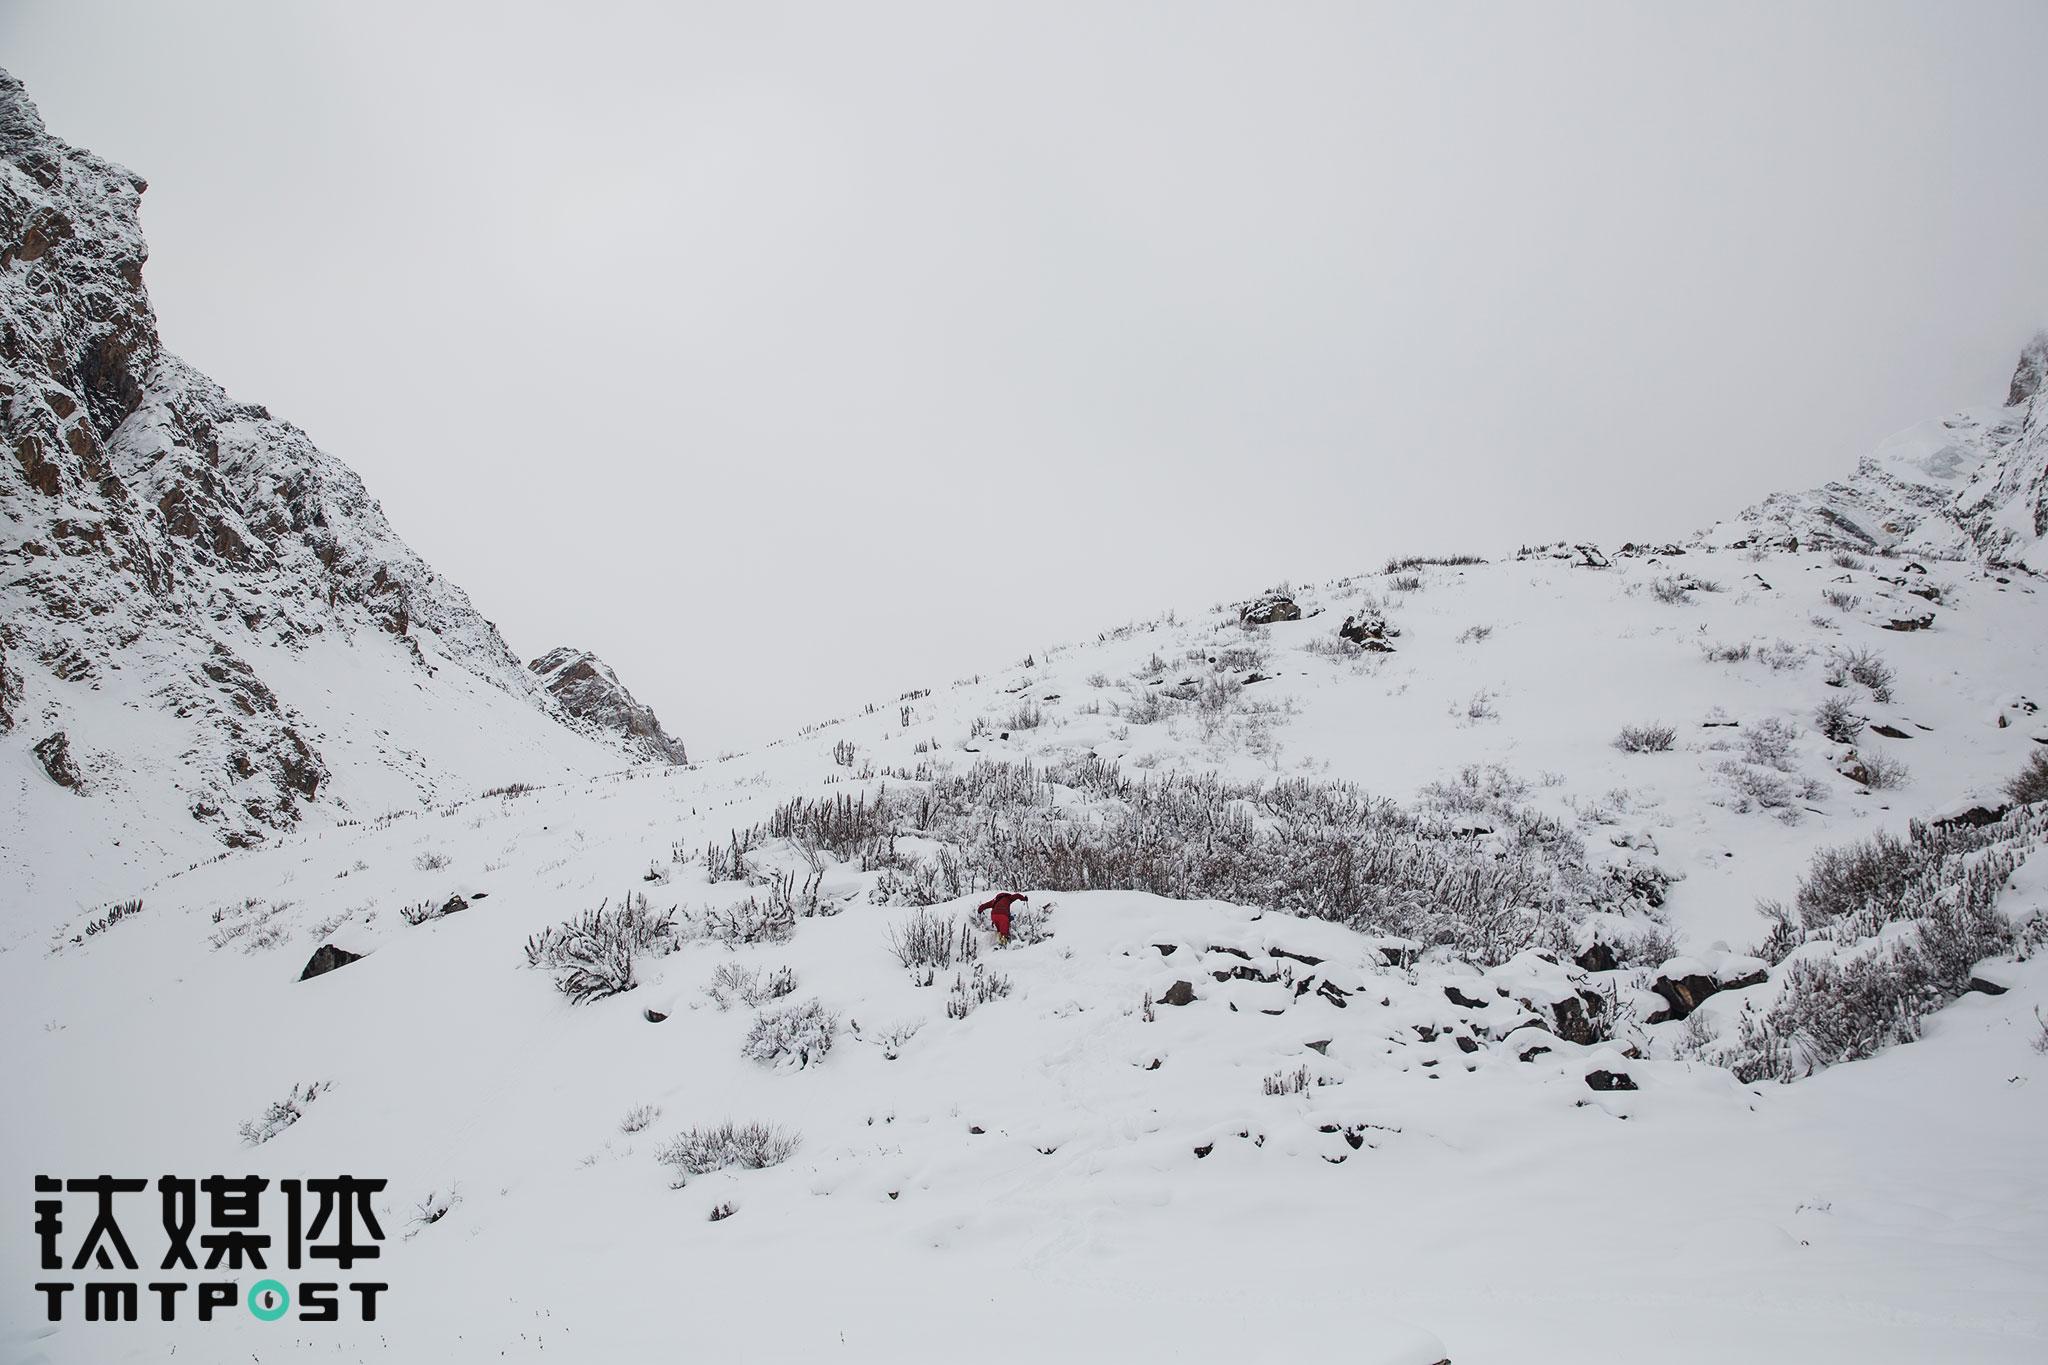 两天的积雪,让人在山上根本迈不开脚步。为了让队员少走冤枉路,一路上江湖不得不一次次只身探路。